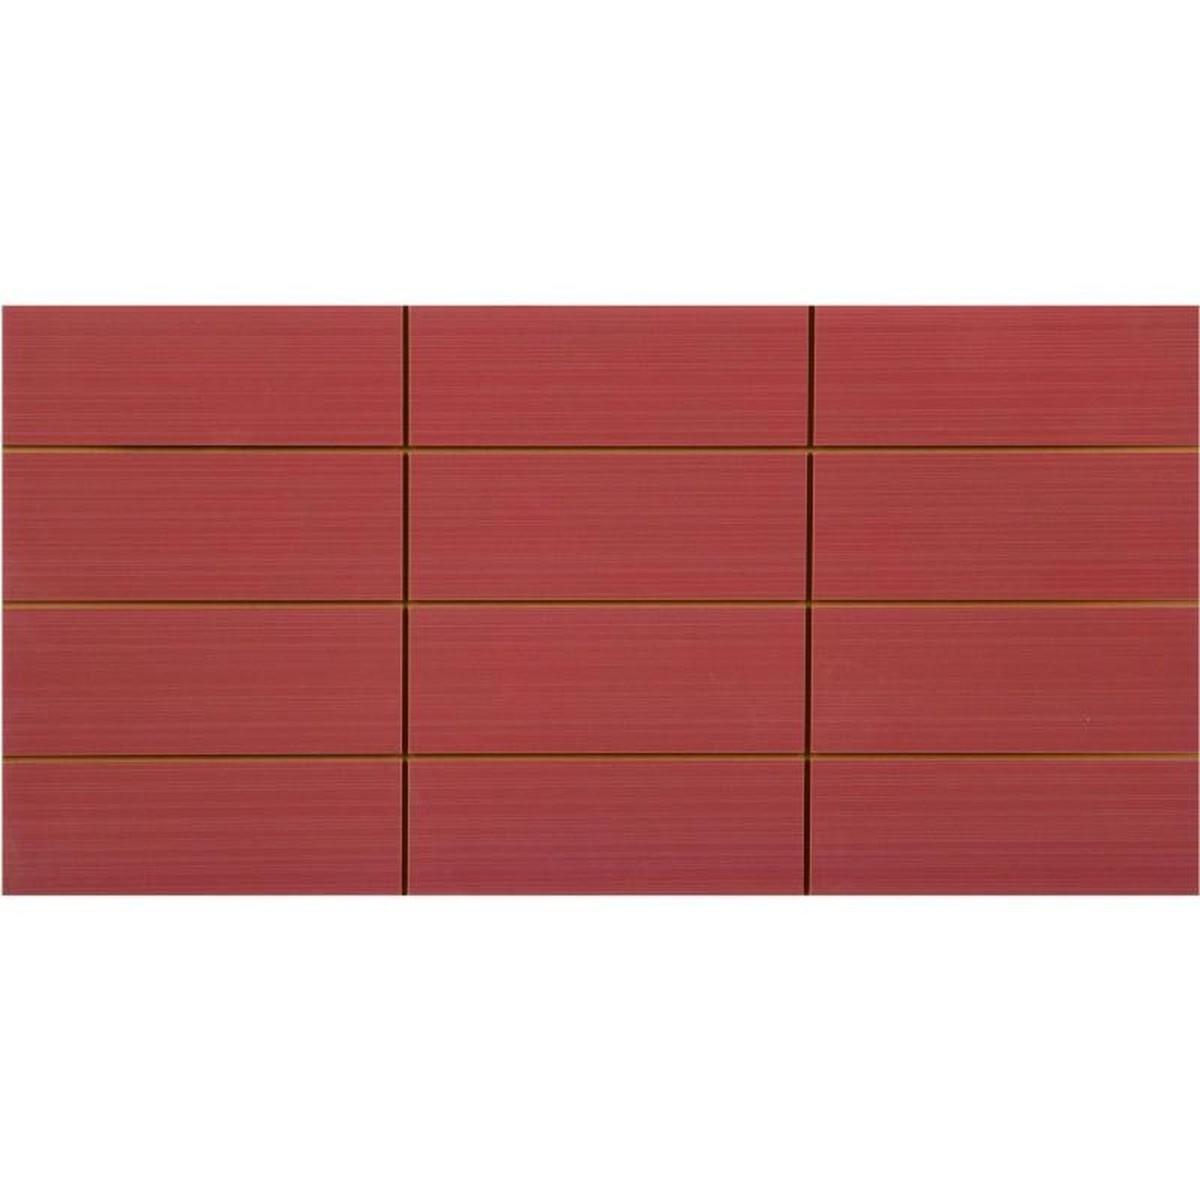 Вставка Фрэска 12 20х40 см цвет бордо